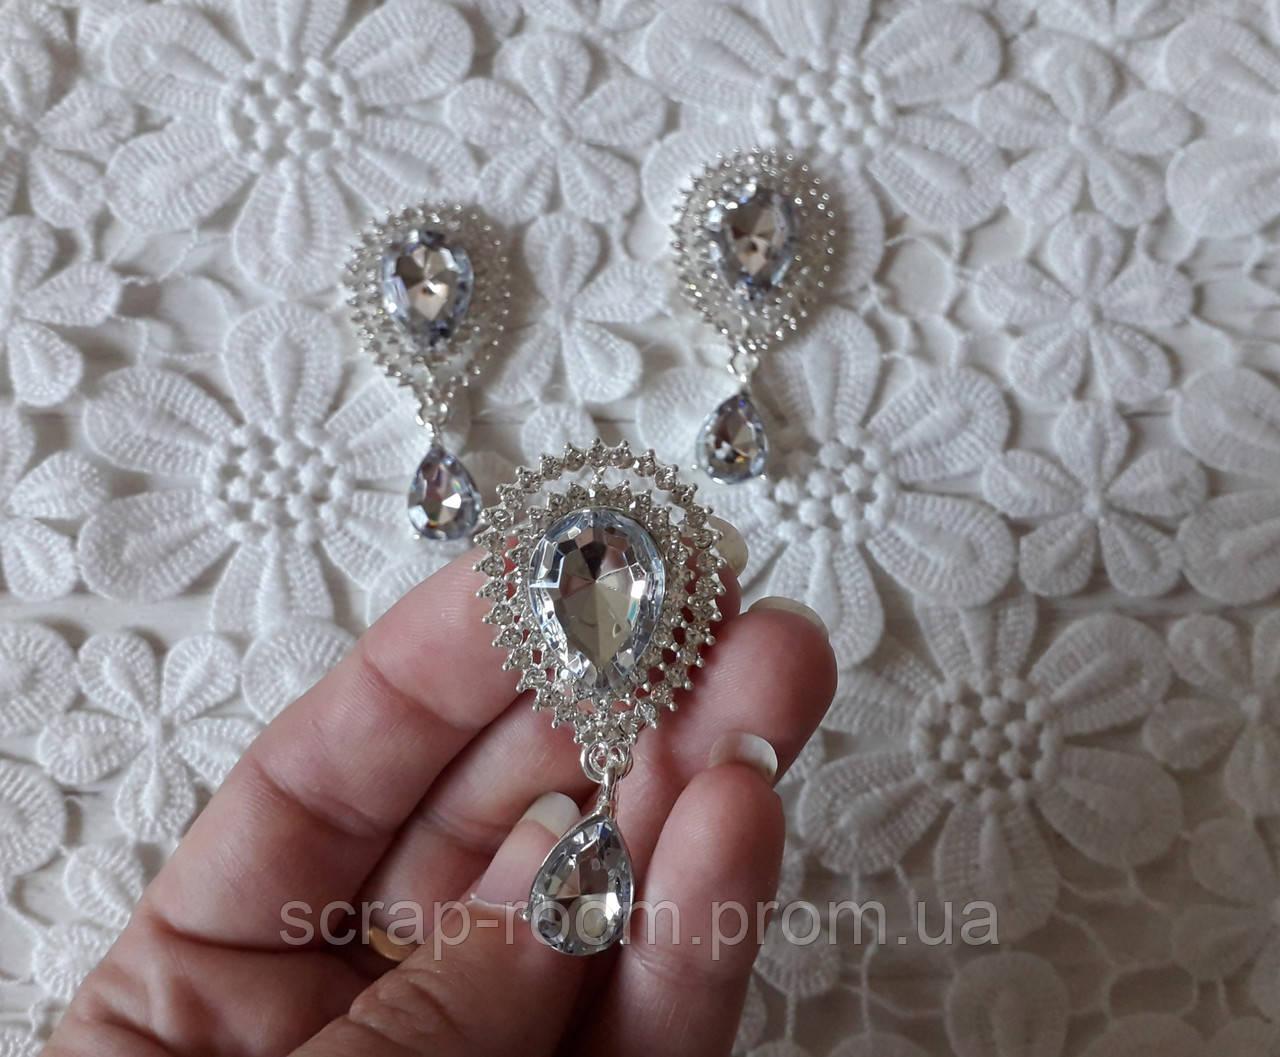 Брошь со стразами, брошь серебро с камнем, брошь с подвеской, брошь свадебная, размер 25*50 мм, цена за шт